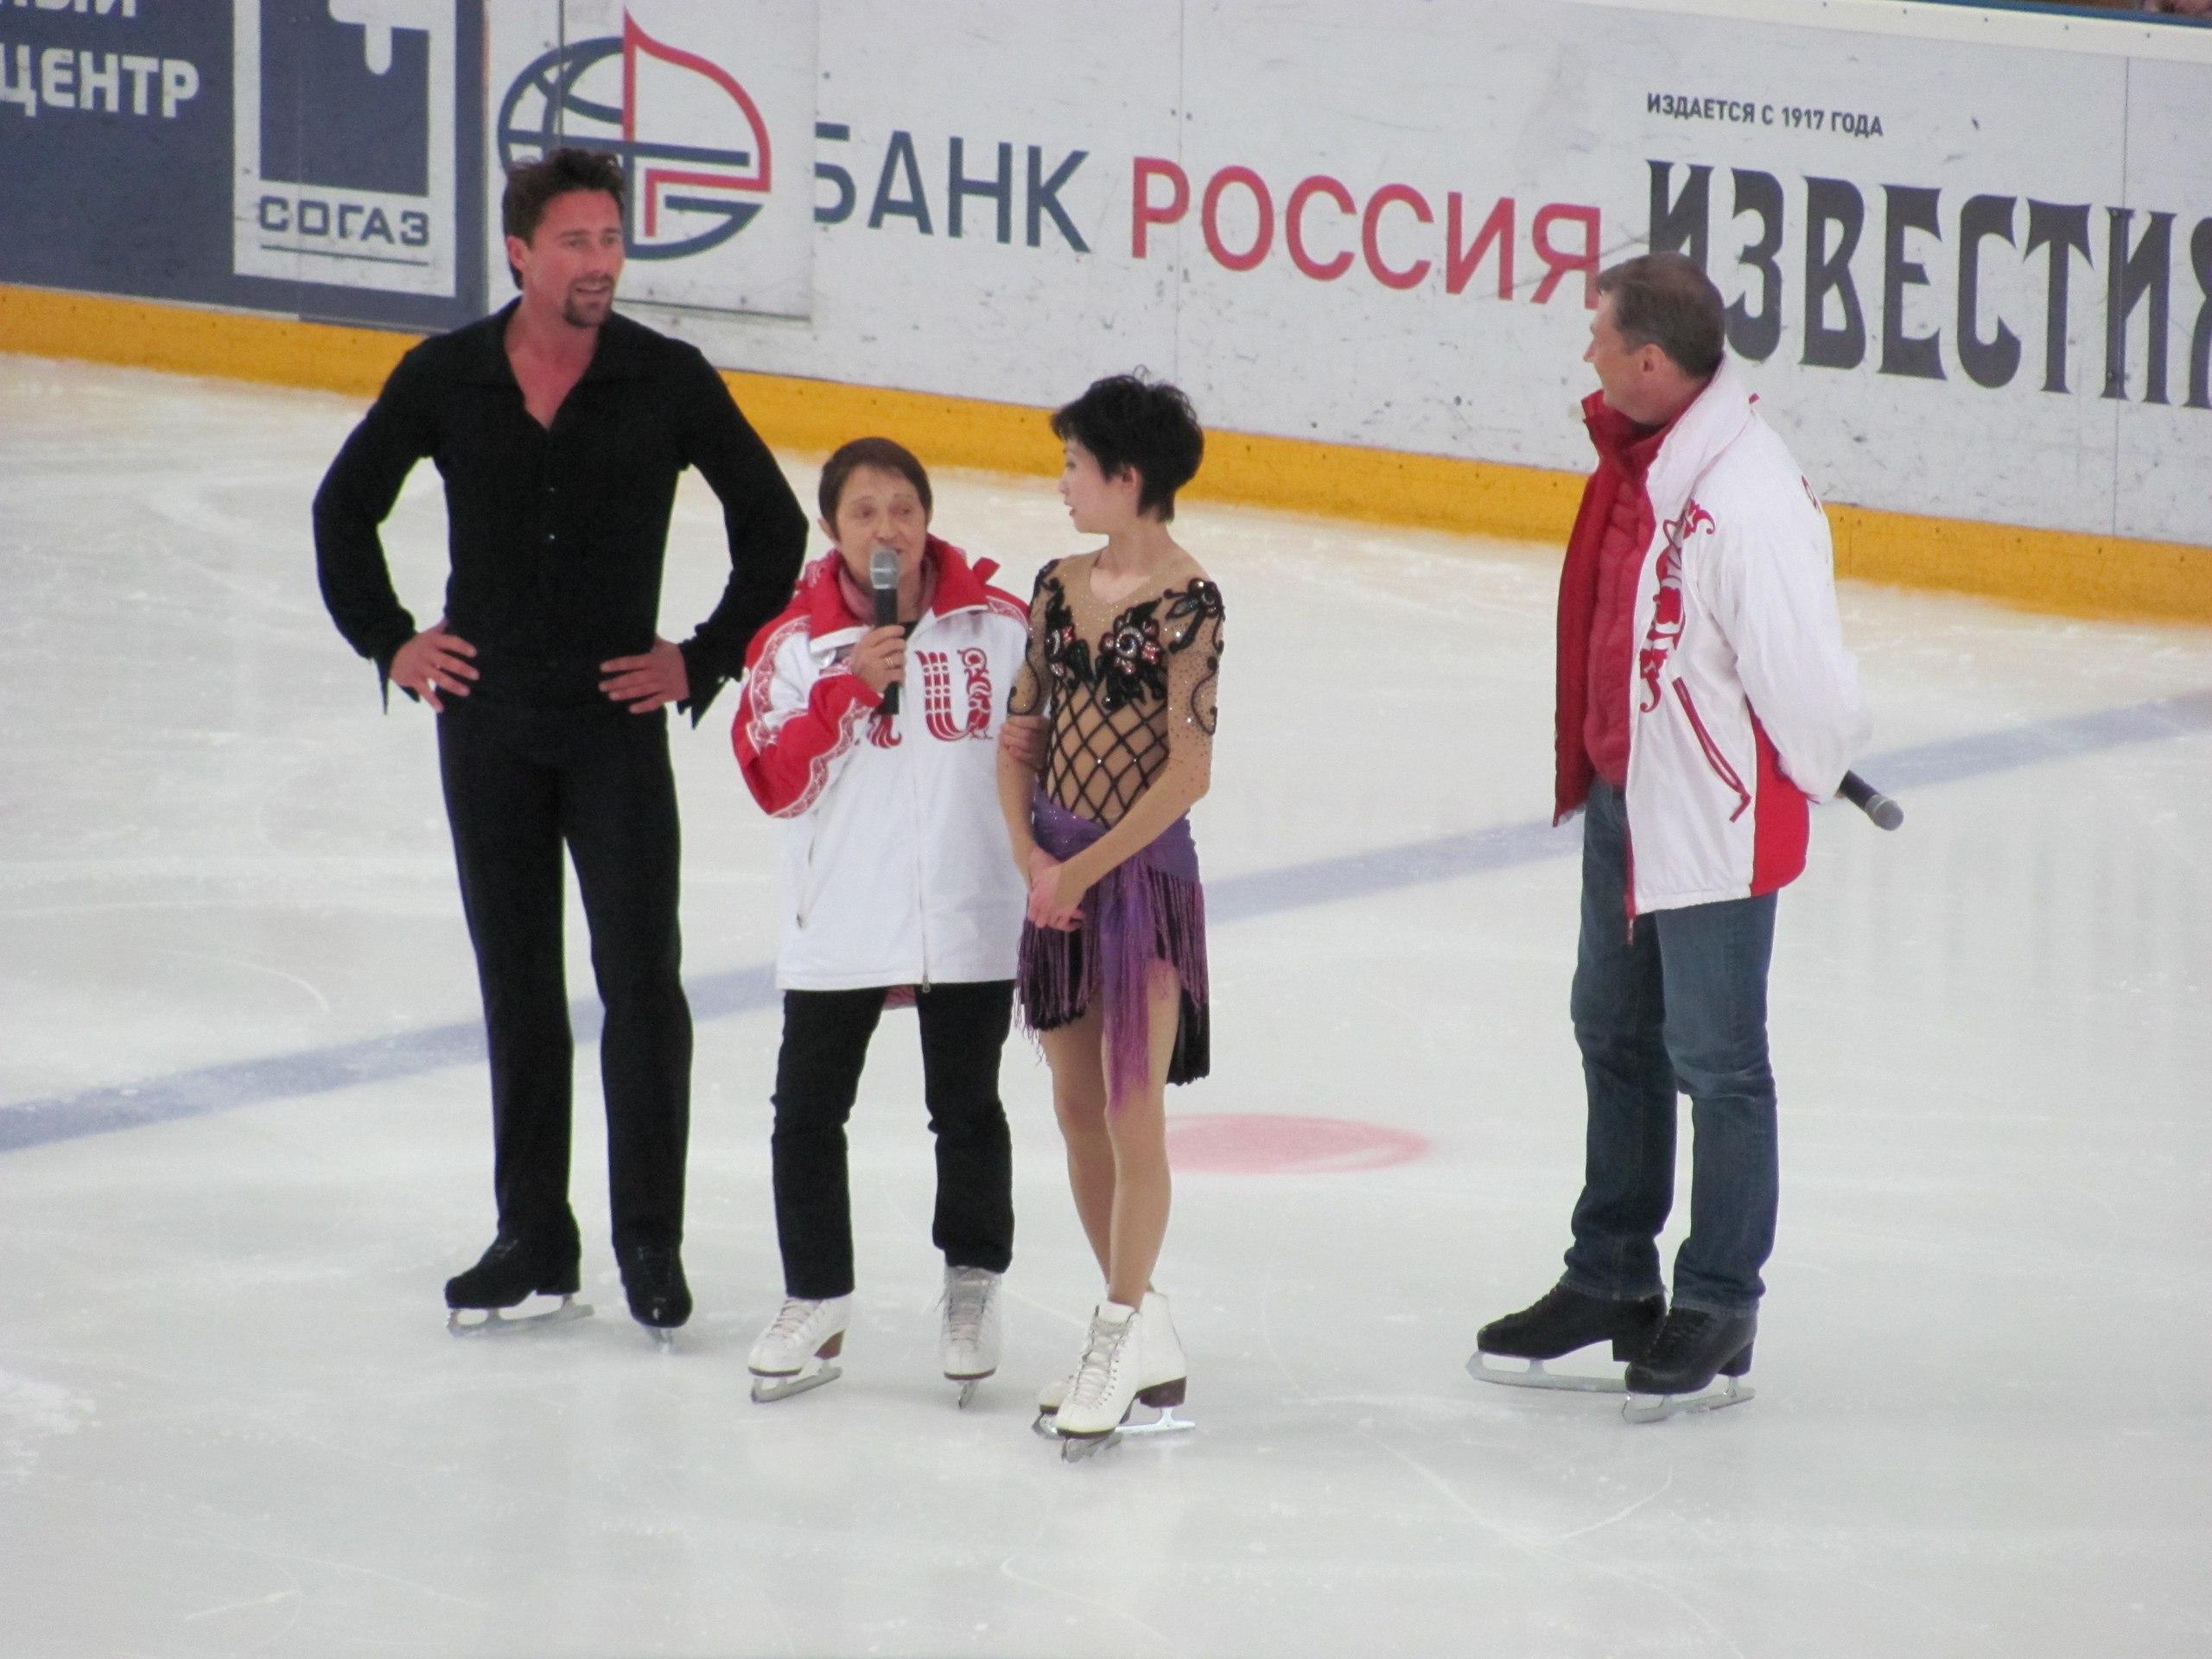 Школа Москвиной, парное катание (Санкт-Петербург, Россия) - Страница 9 FeVlGR3UB4A